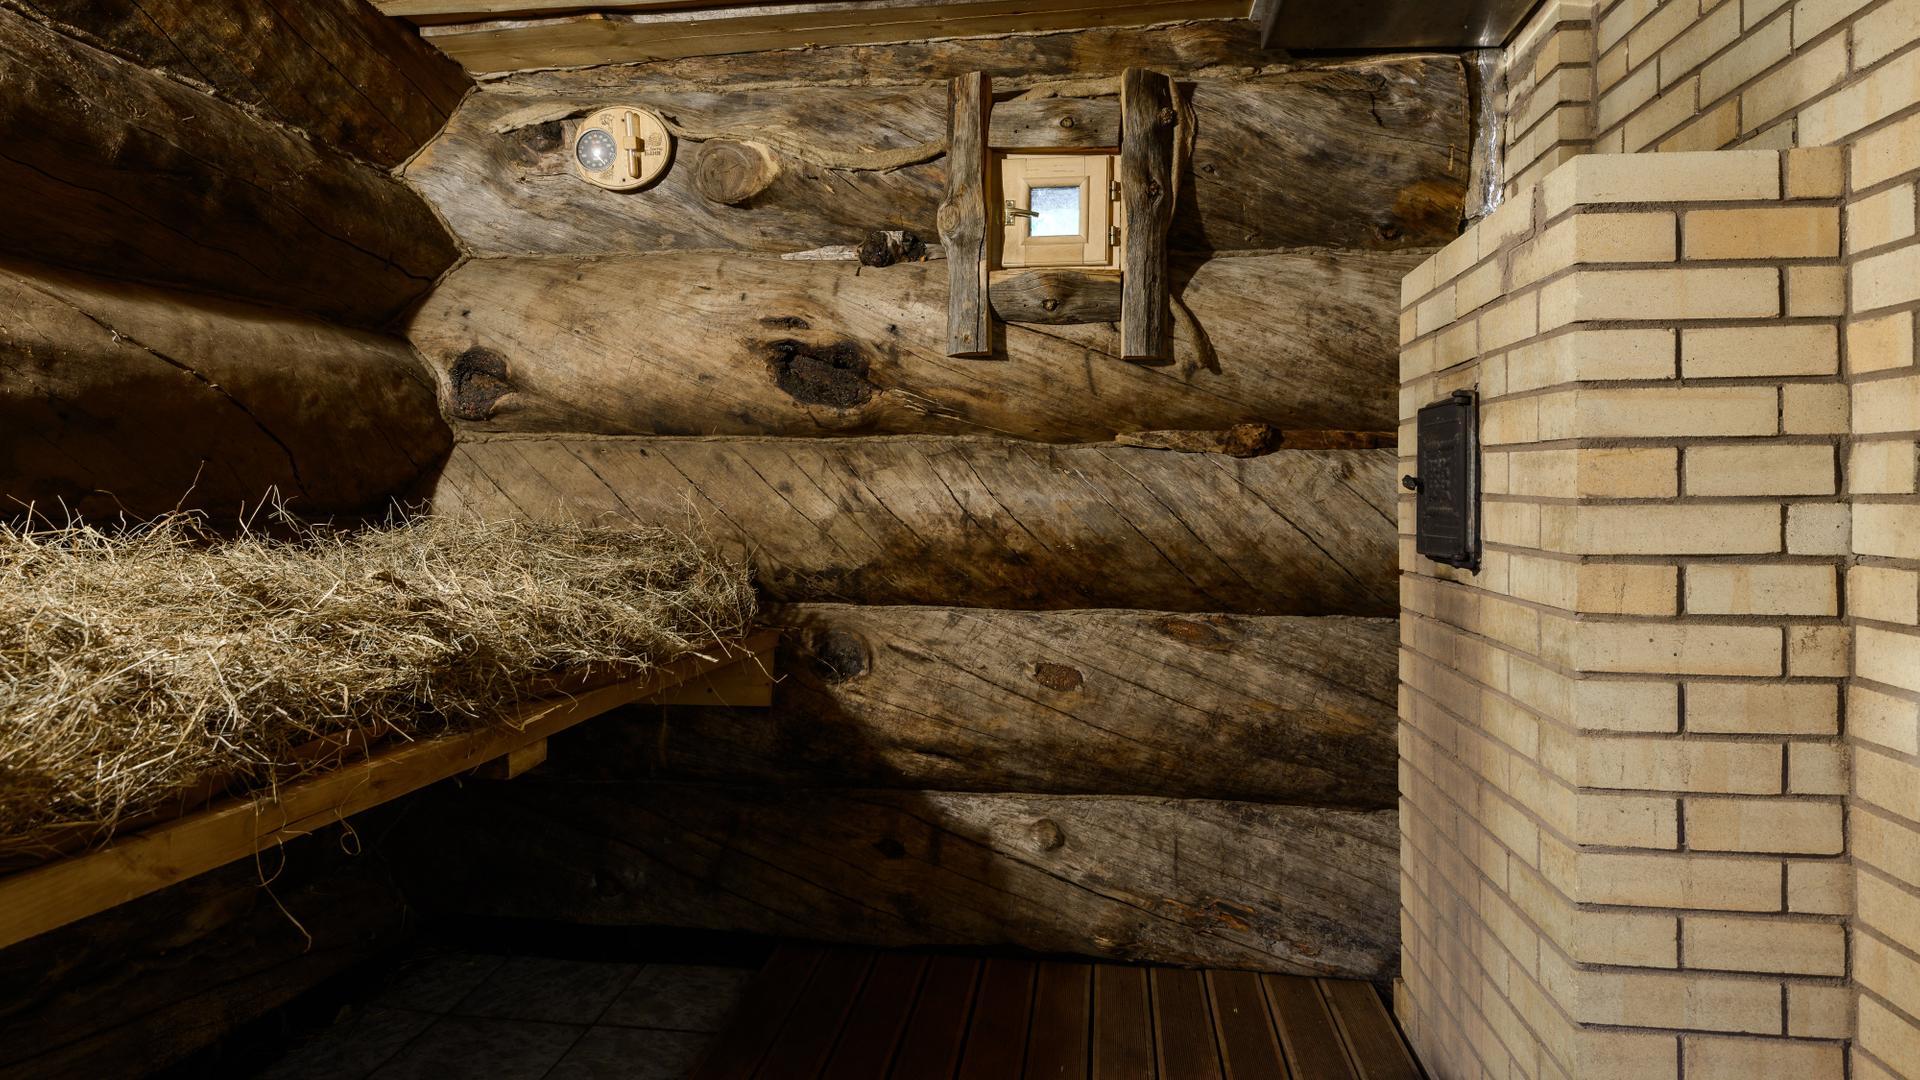 Баня по-черному (54 фото): что это такое и как ее построить своими руками? как выглядит внутри и снаружи? готовые проекты современных русских бань и других построек